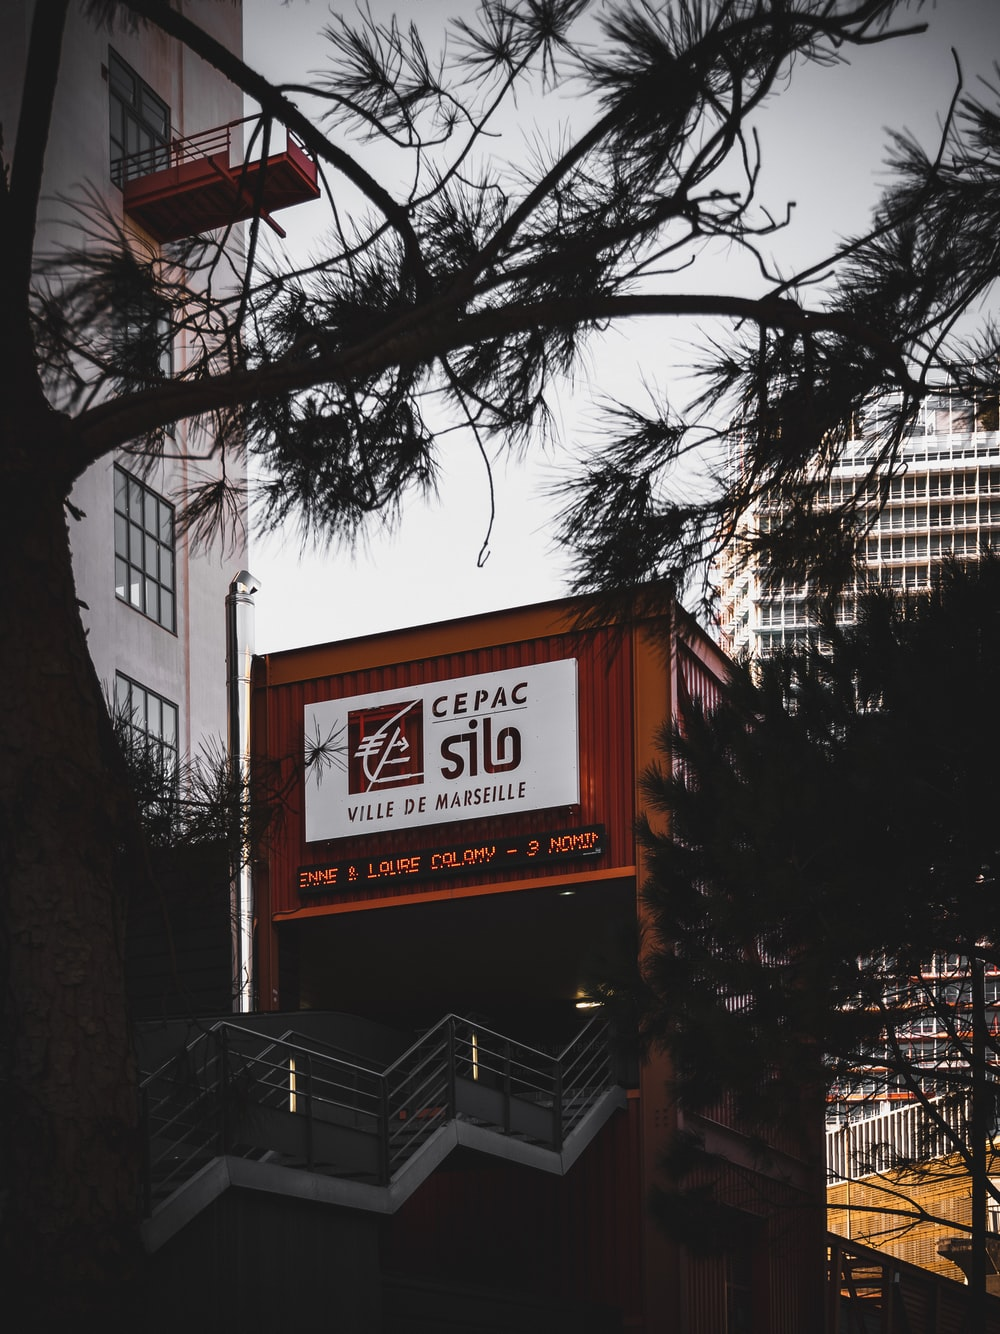 Cepac signage